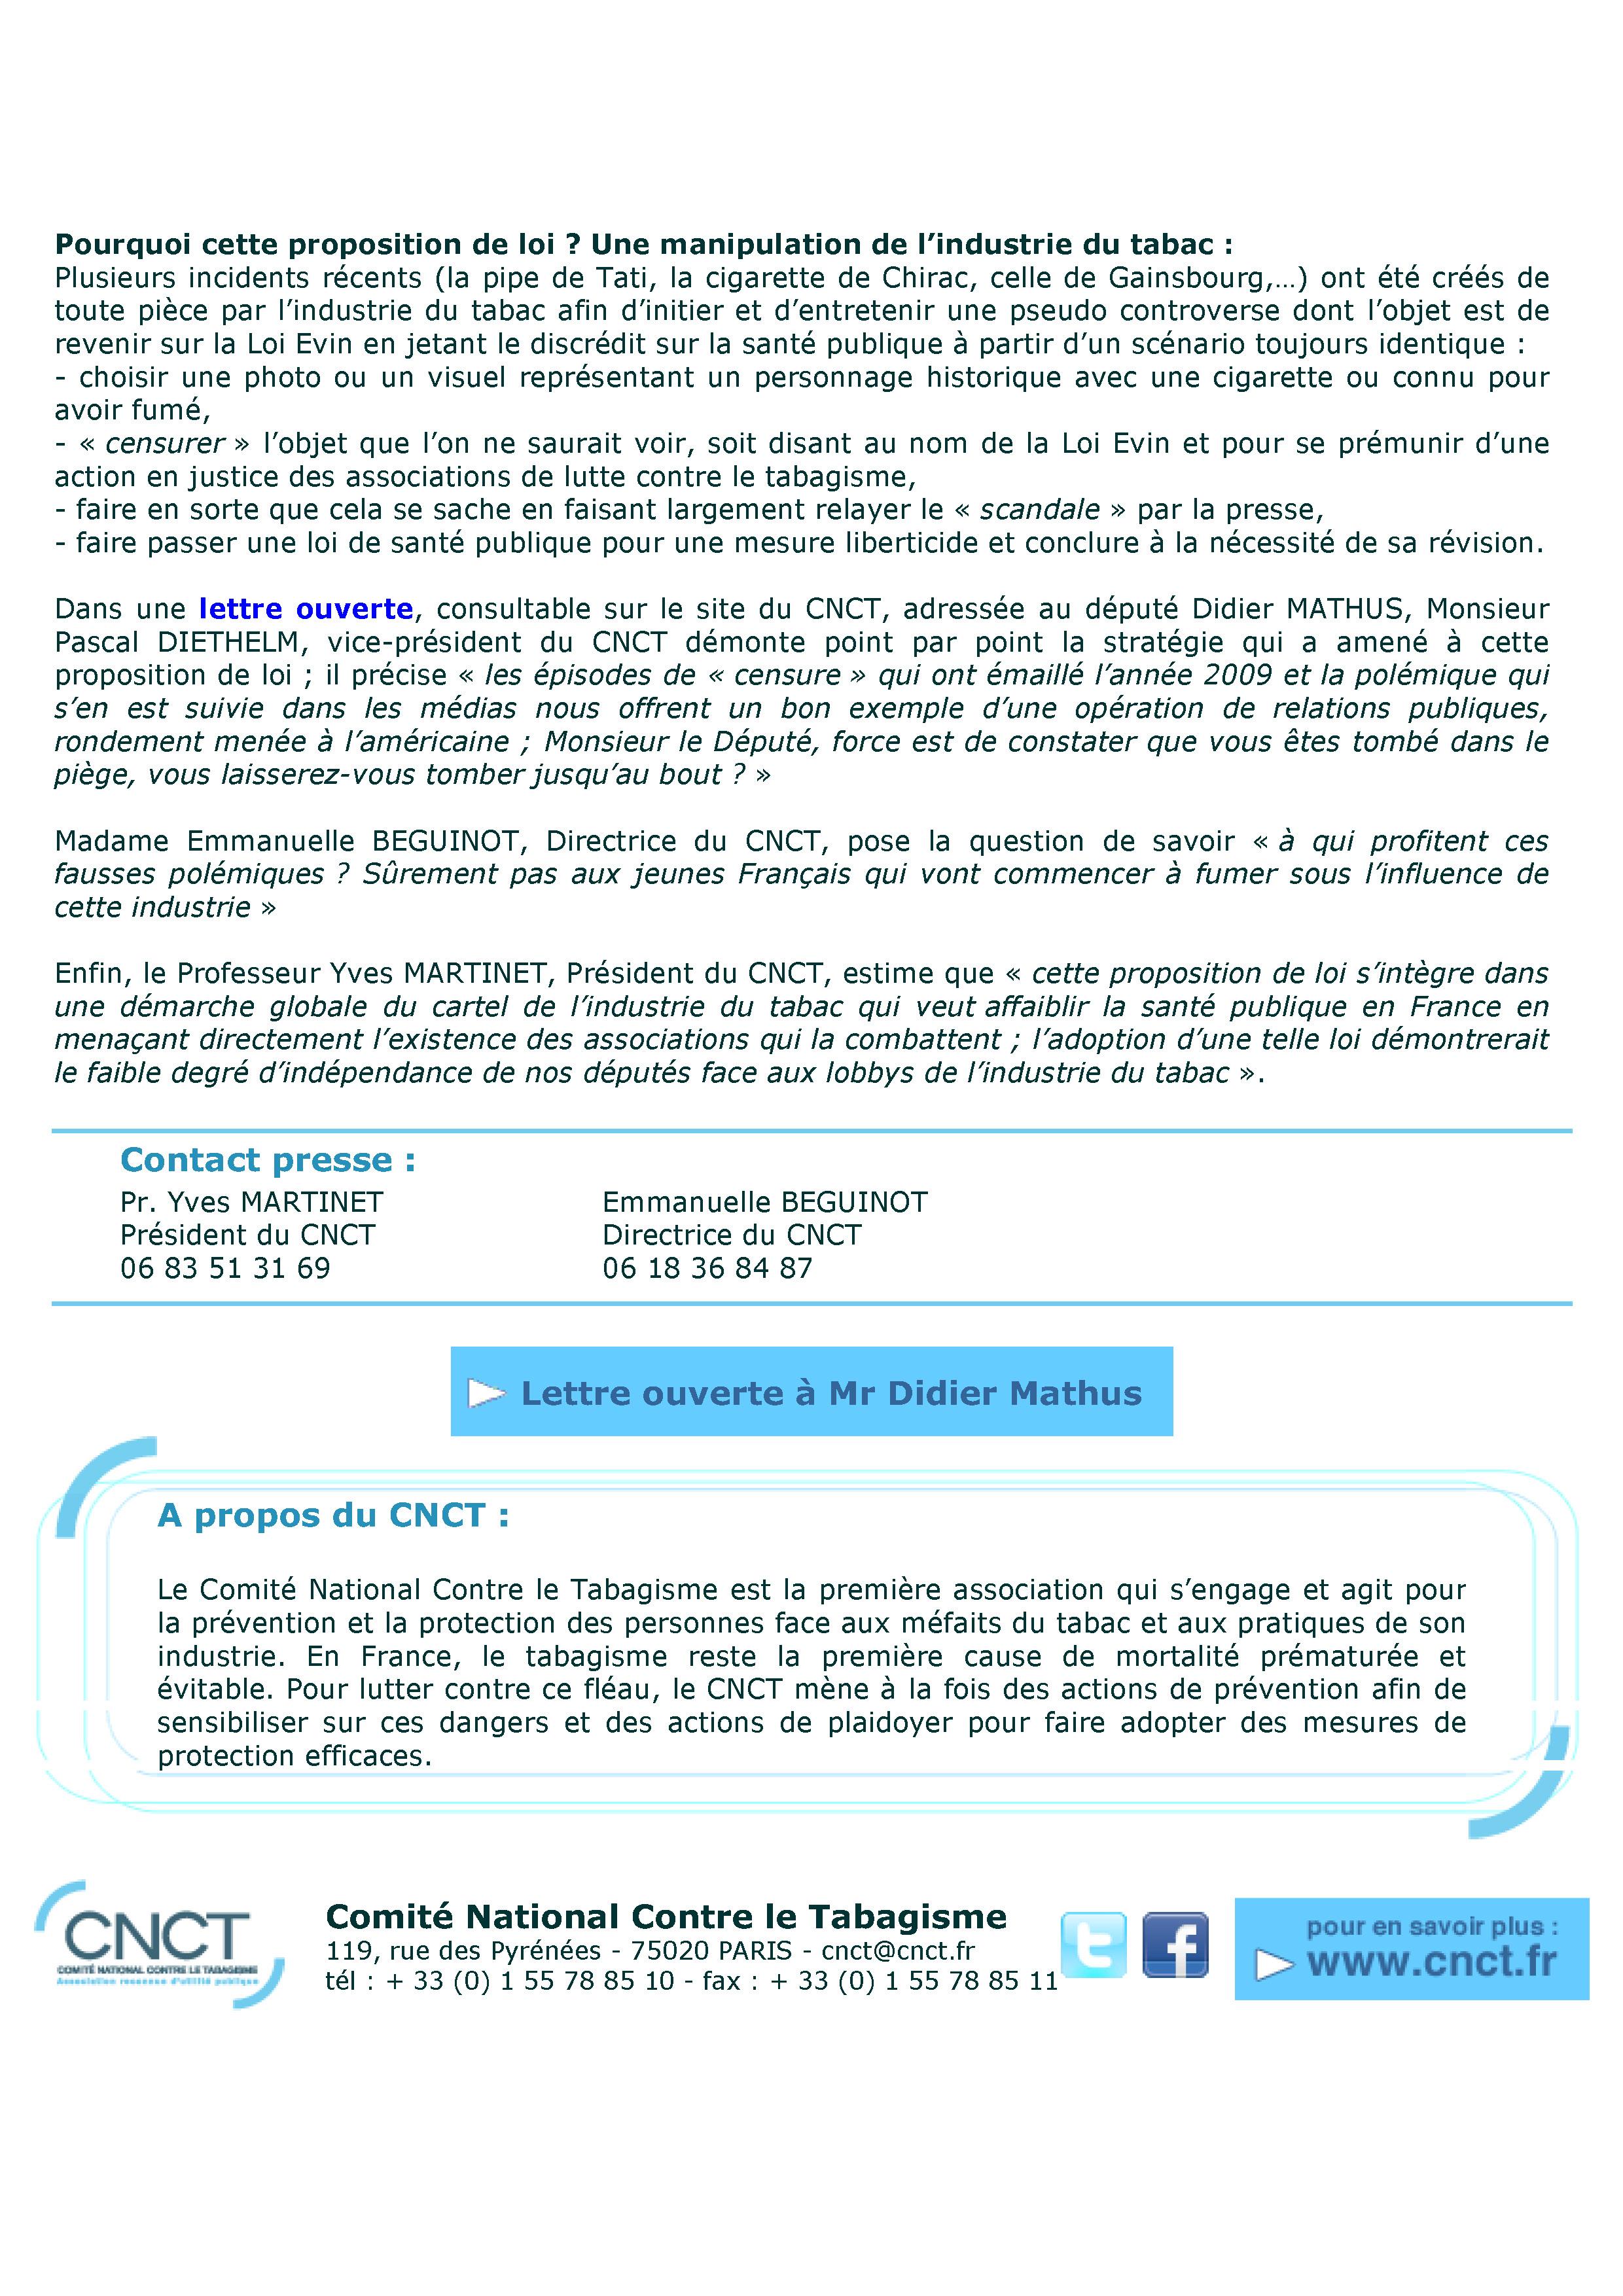 CNCT-CP_nouvelle-attaque-de-l-industrie-du-tabac-20jan2011_Page_2.jpg